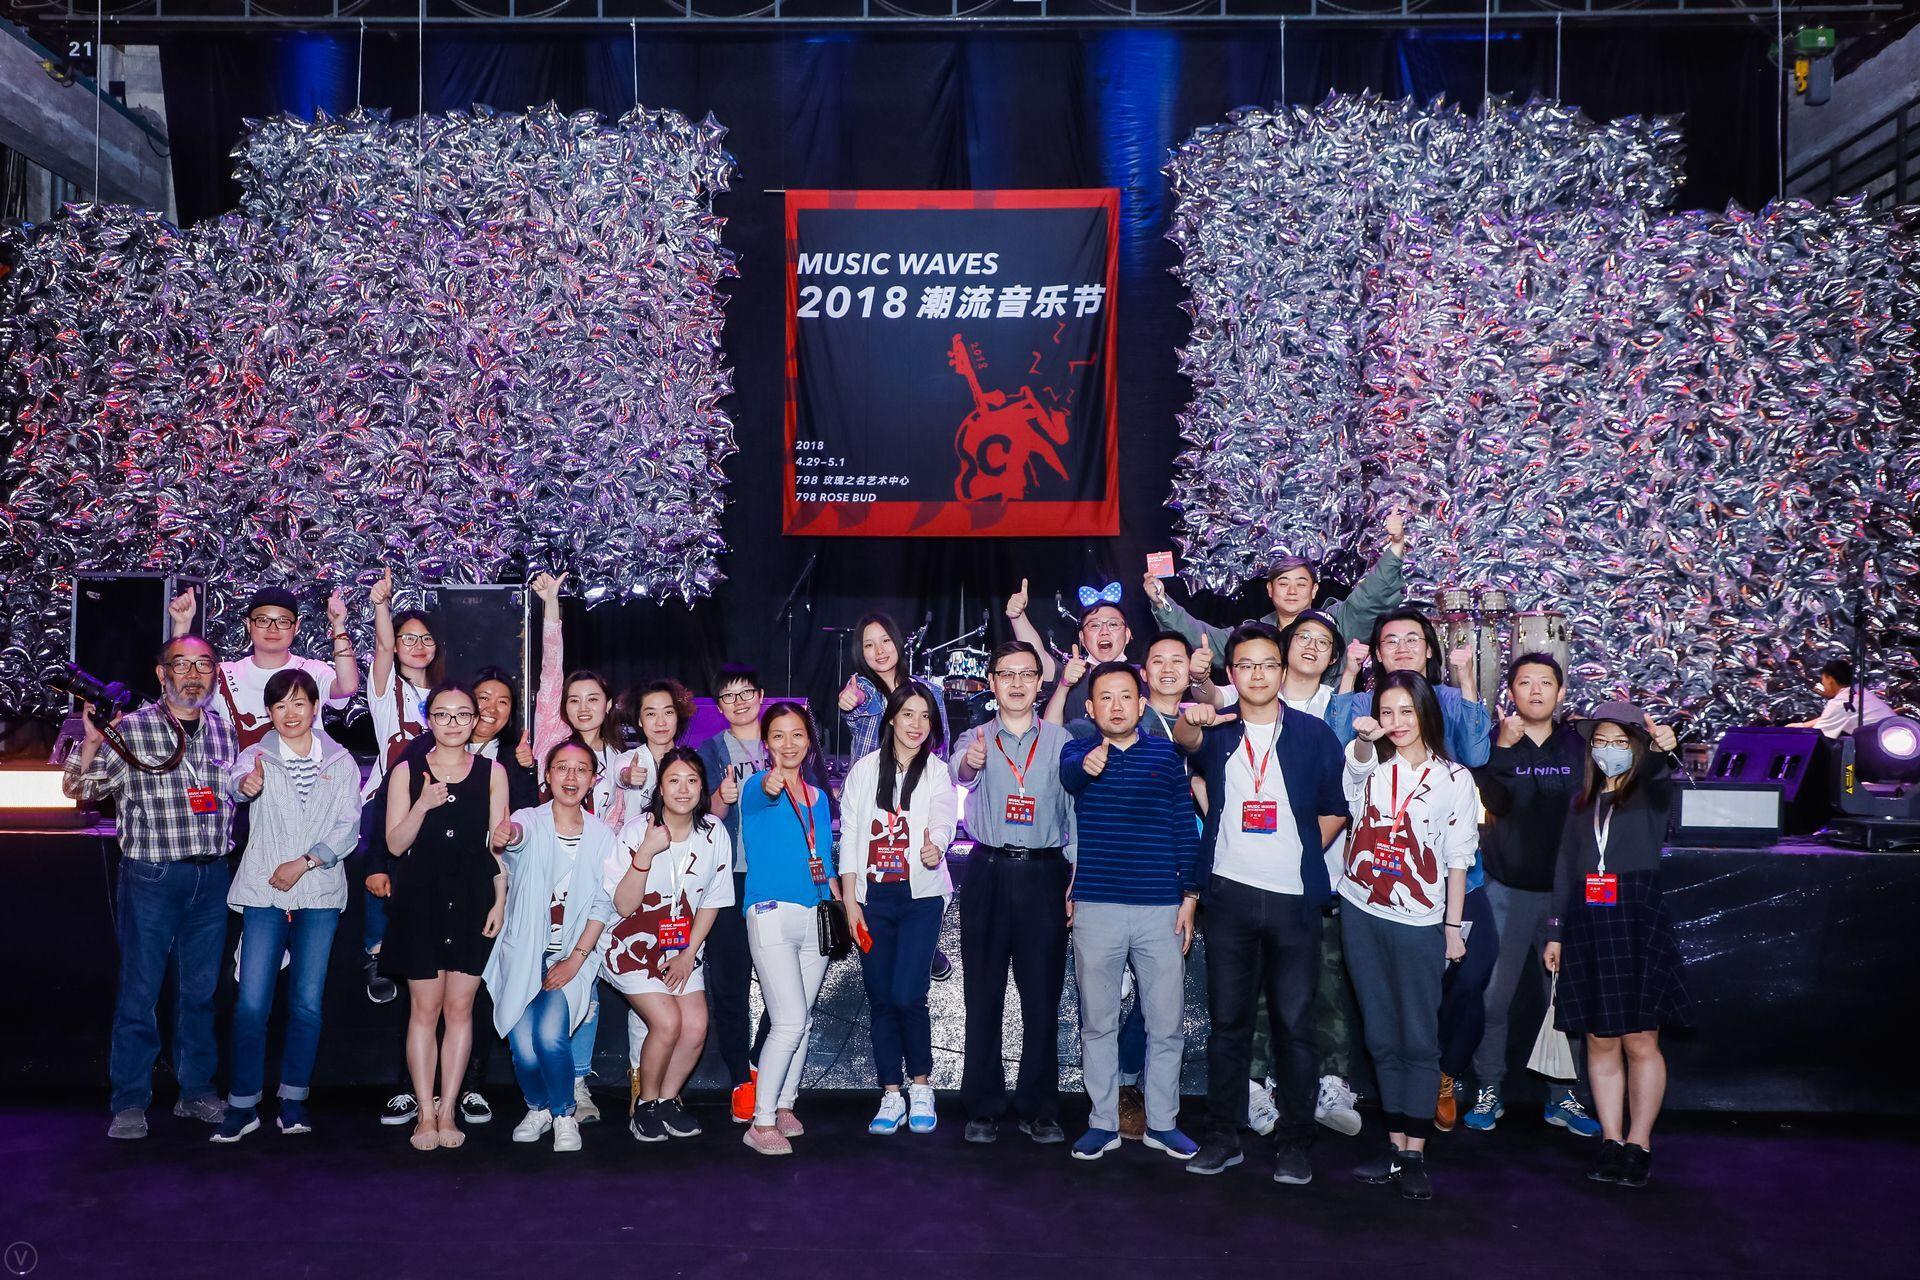 8国乐队献19场演出 斯琴格日乐为13届潮流音乐节站台